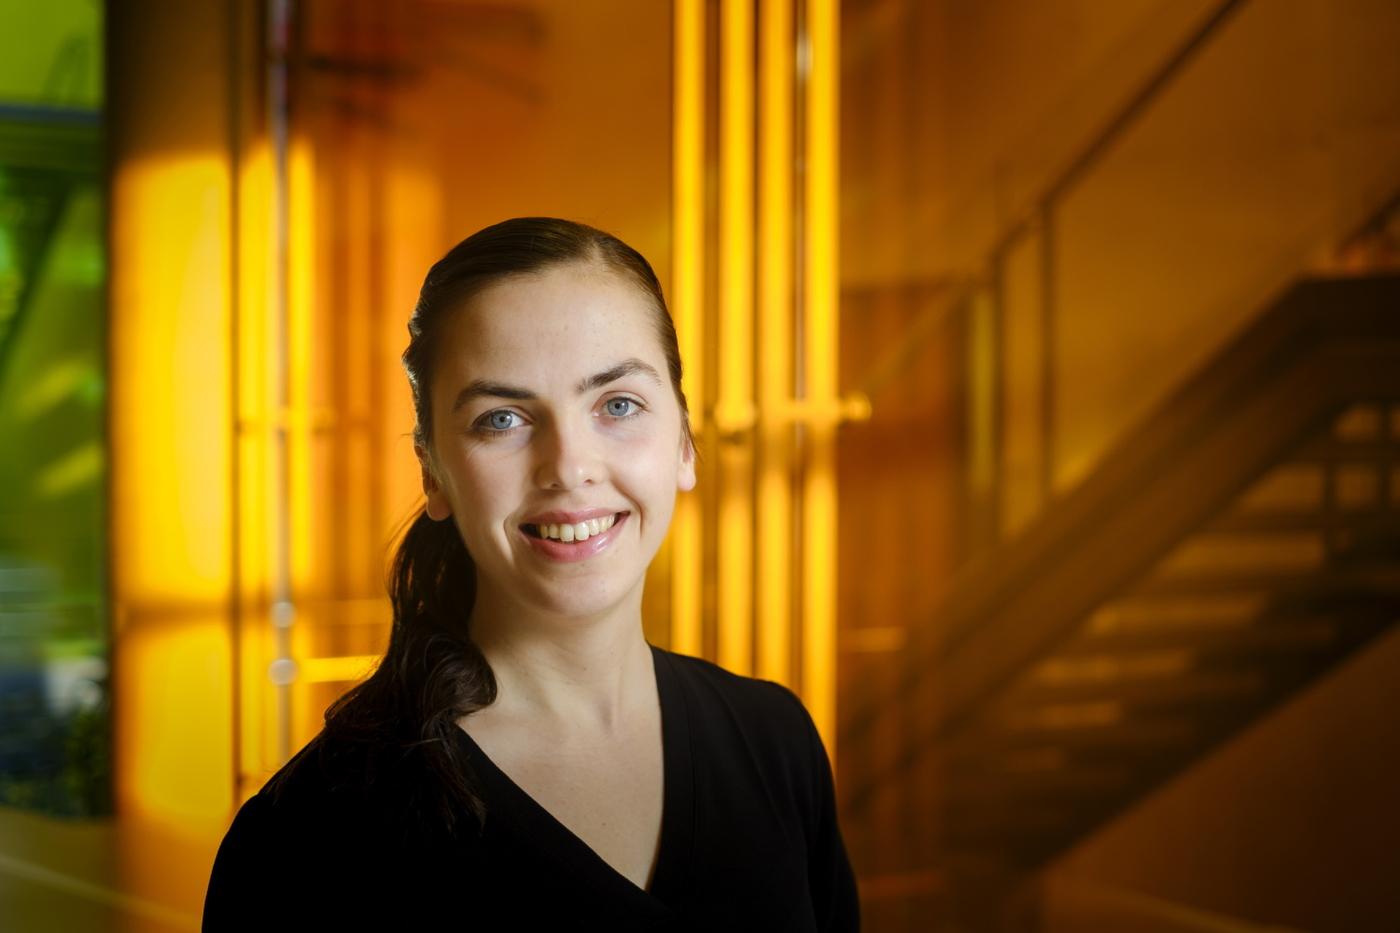 Birna Varðardóttir